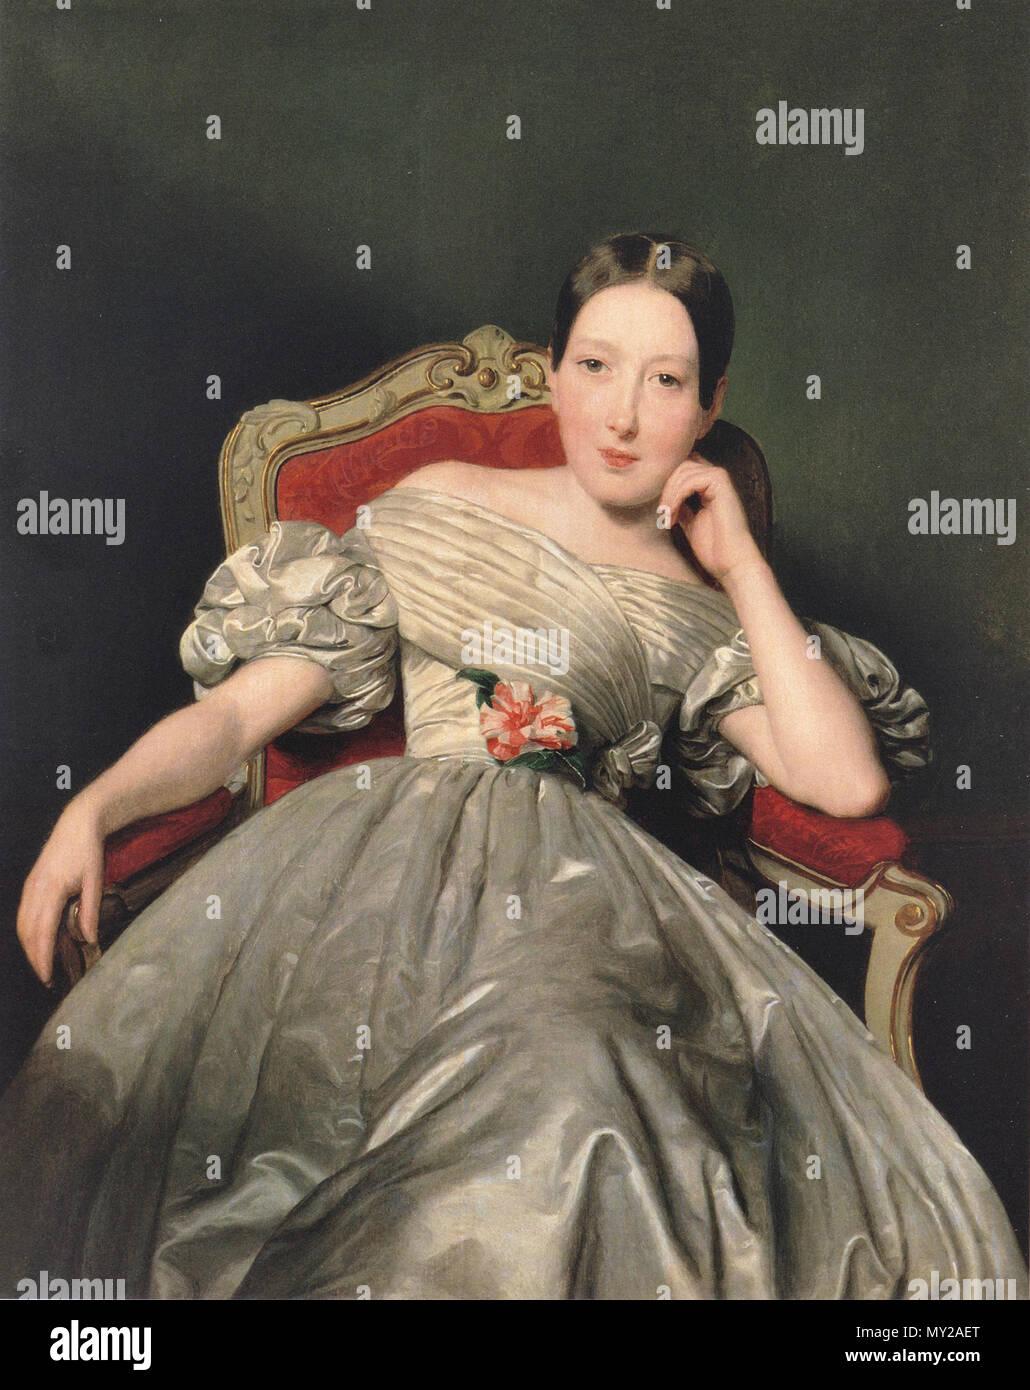 Waldmuller Ferdinand Georg - Sitzendes Mädchen in Weiùdfem Atlaskleid - Stock Image